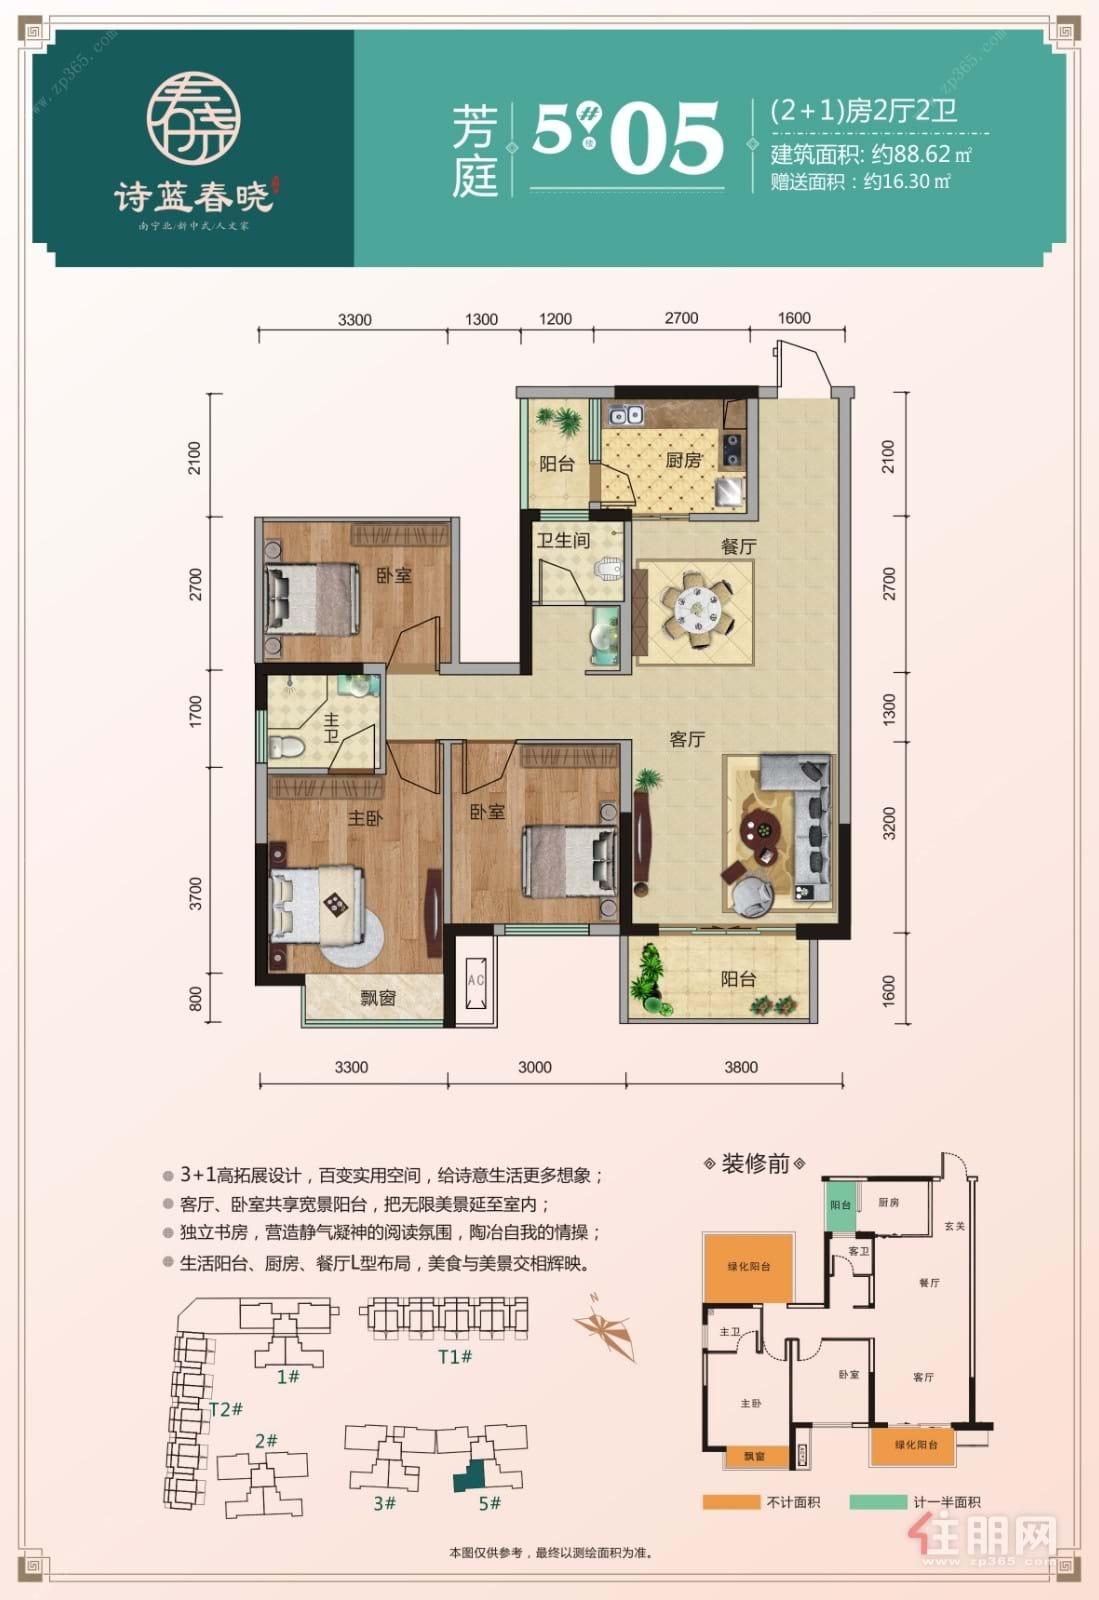 诗蓝春晓5#05 88㎡|3室2厅2卫1厨2阳台